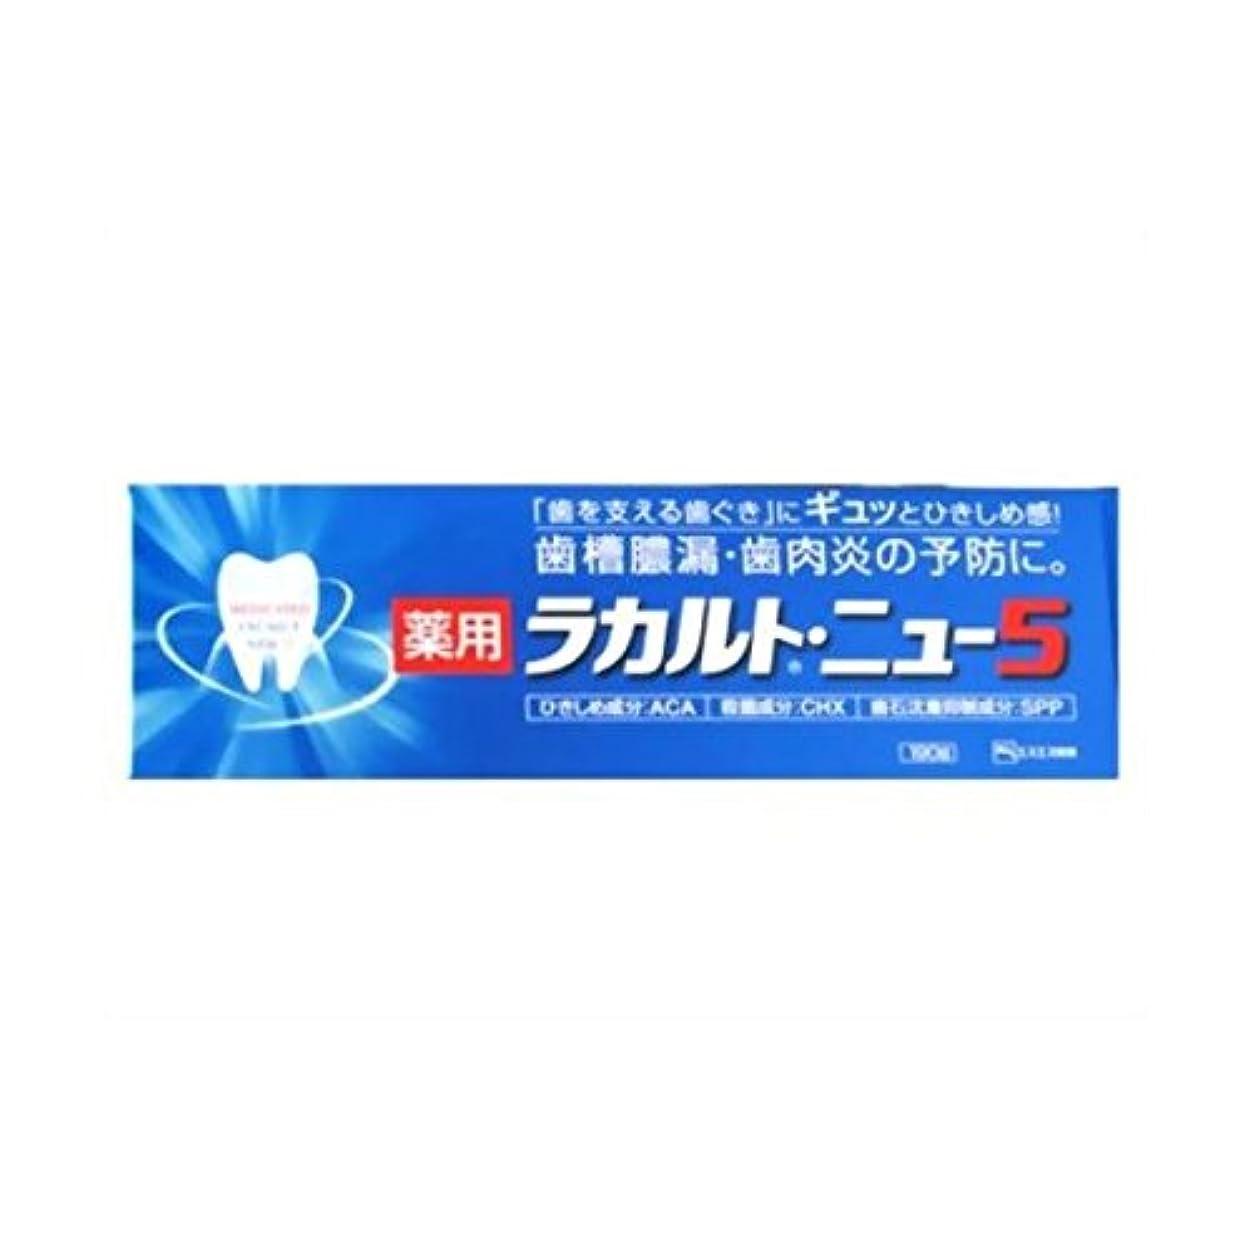 セットアップ熟練した各【お徳用 3 セット】 薬用ラカルトニュー5 190g×3セット